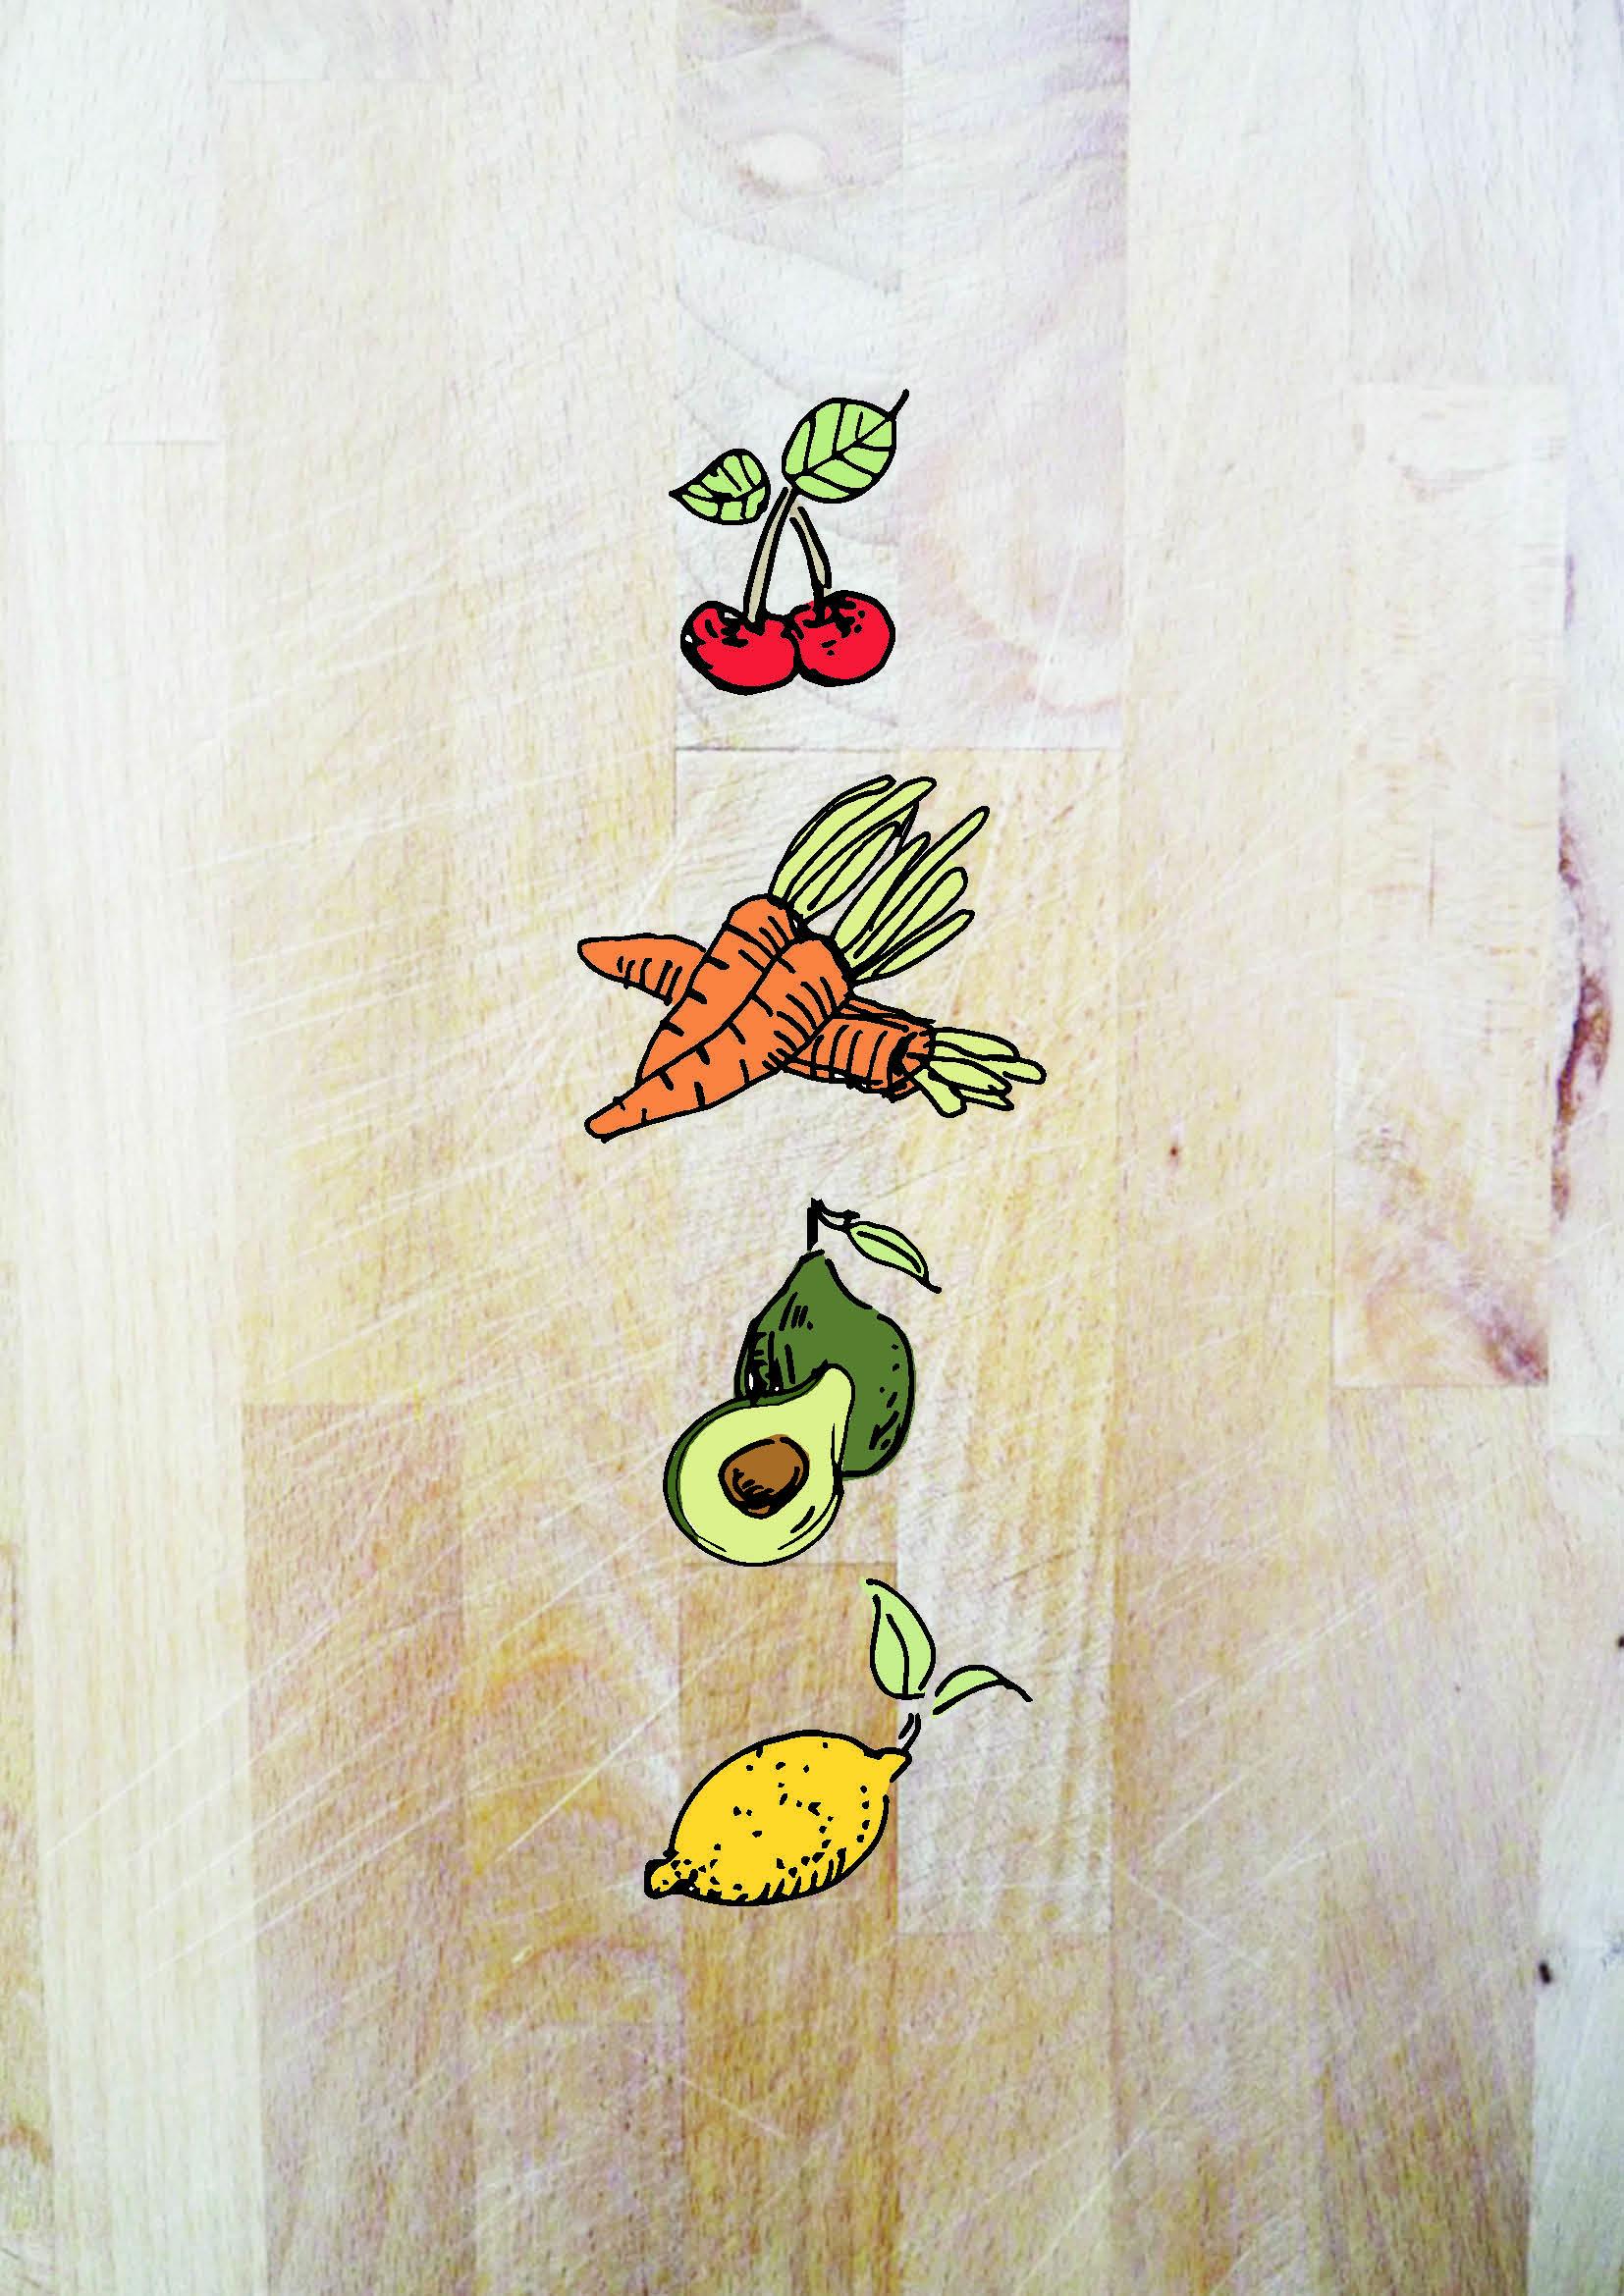 Foodcelebration